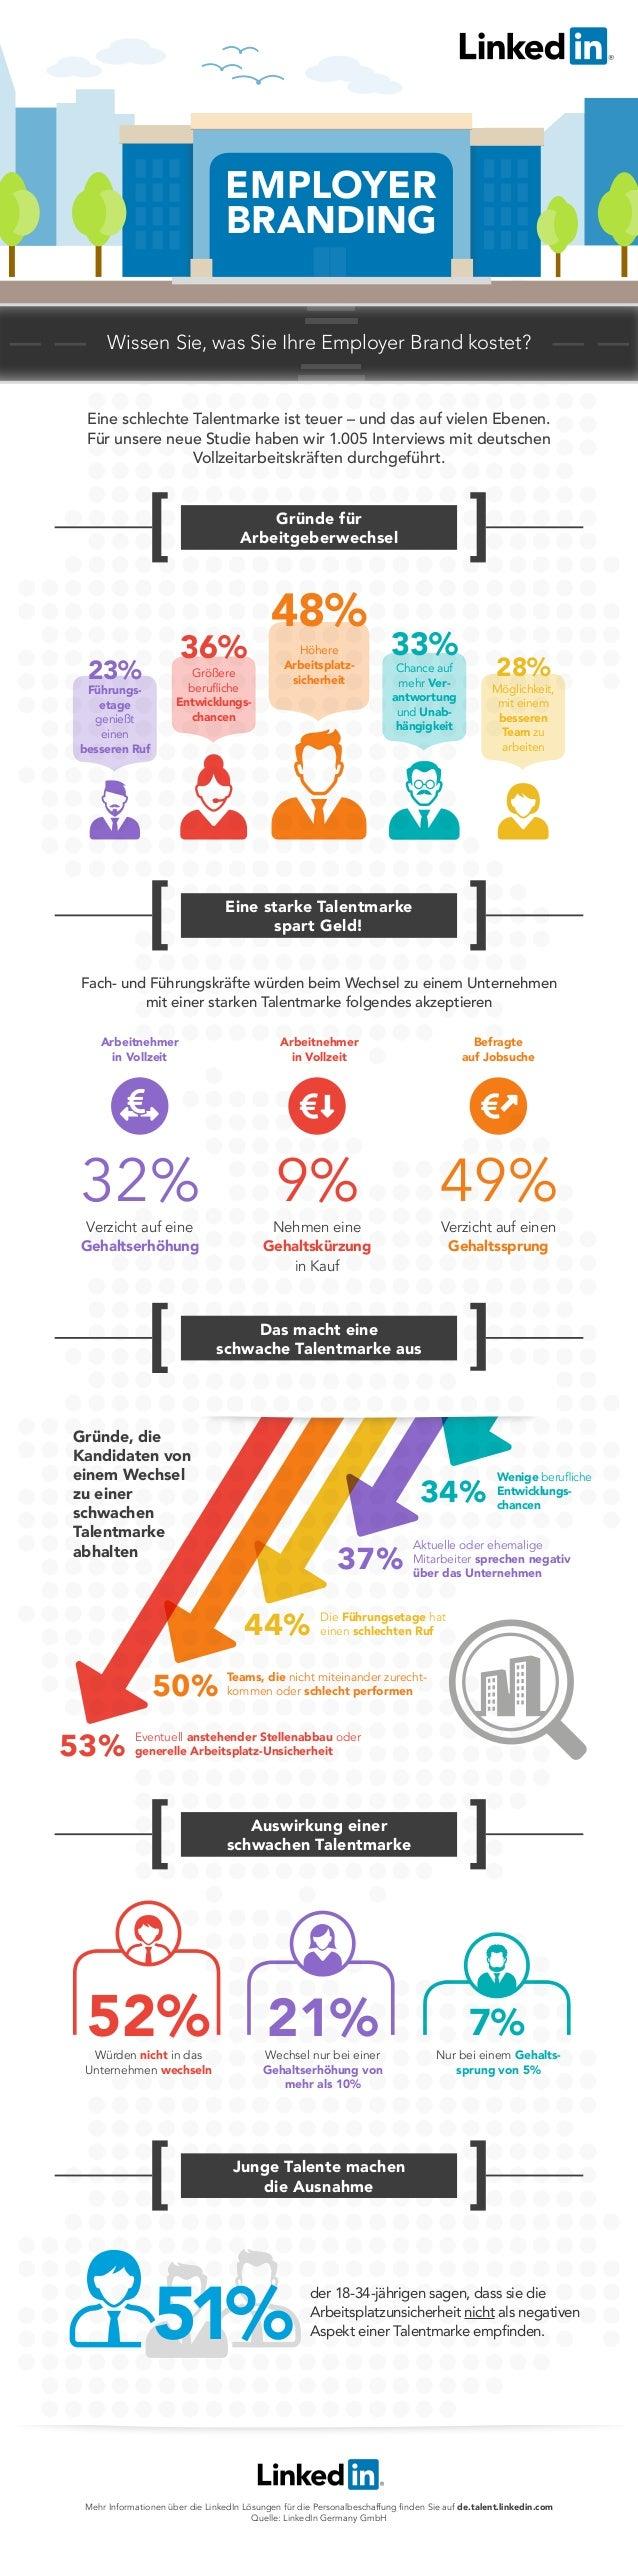 Gründe für Arbeitgeberwechsel Eine starke Talentmarke spart Geld! Das macht eine schwache Talentmarke aus Auswirkung einer...